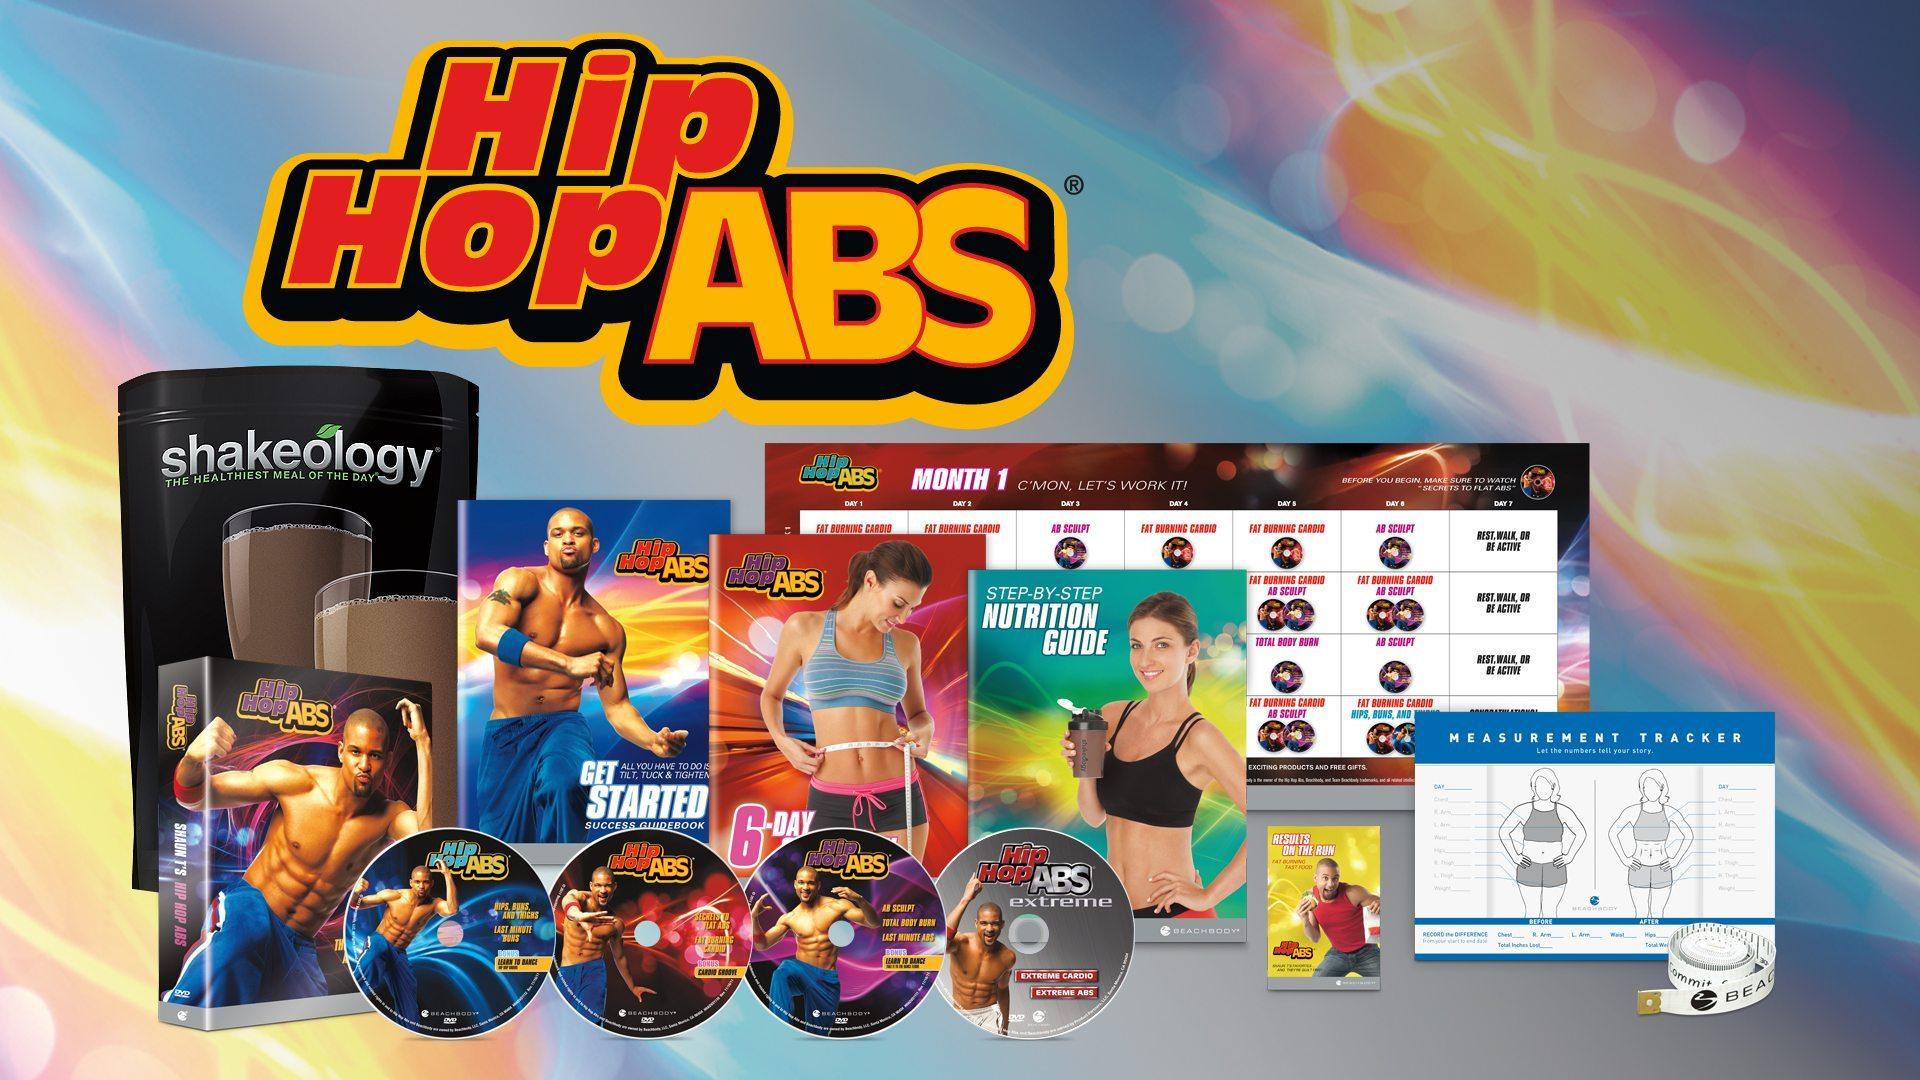 Hip Hop Abs Calendar | Calendar For Planning regarding Hip Hop Abs Schedule